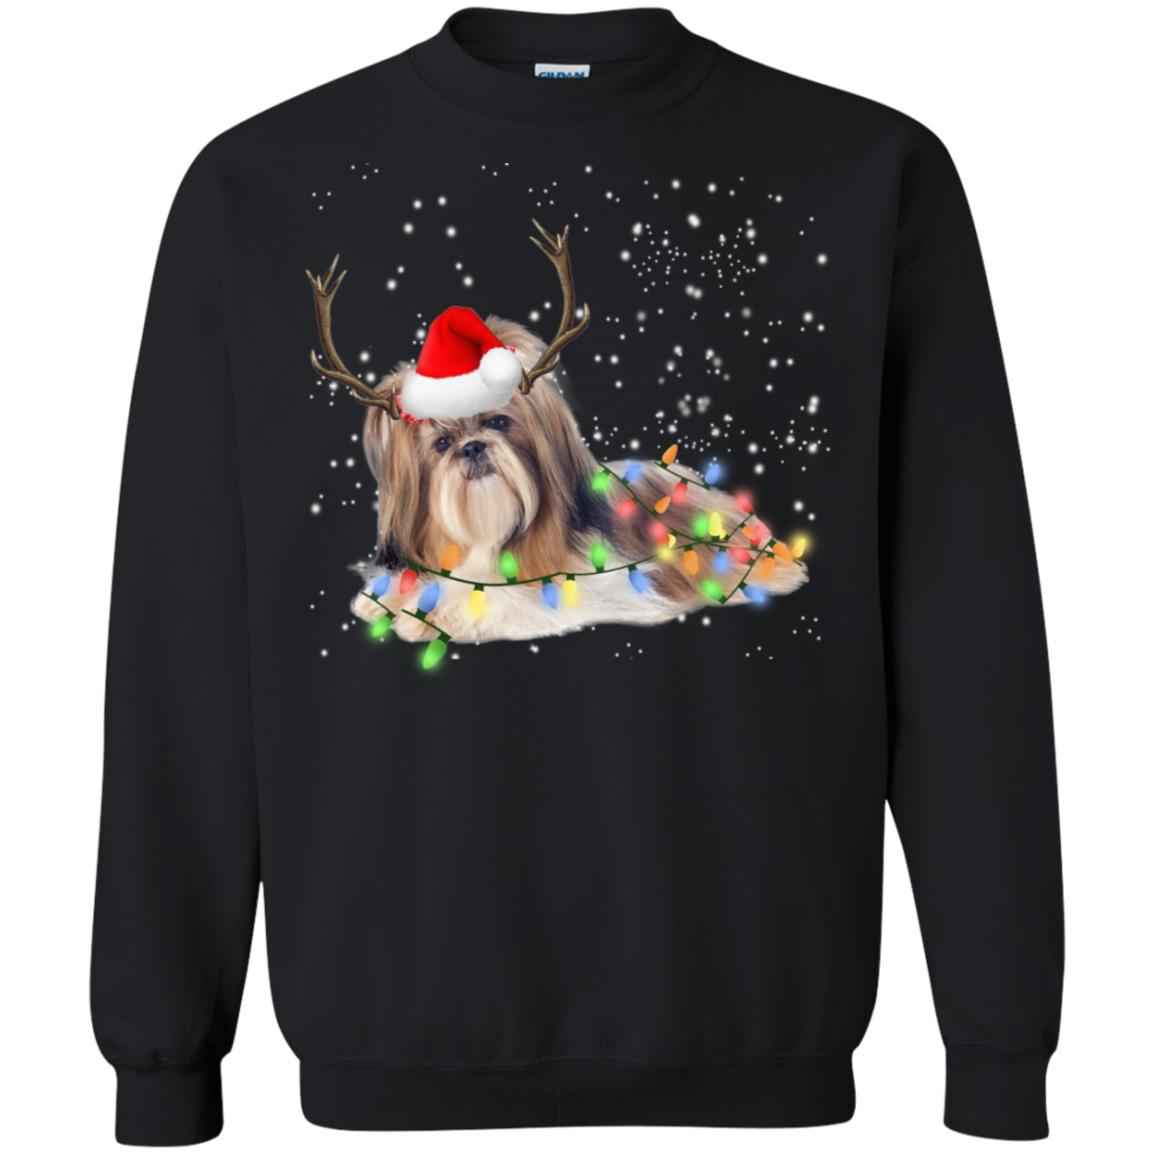 Shih Tzu Santa Lights Christmas Dog Xmas Sweatshirt